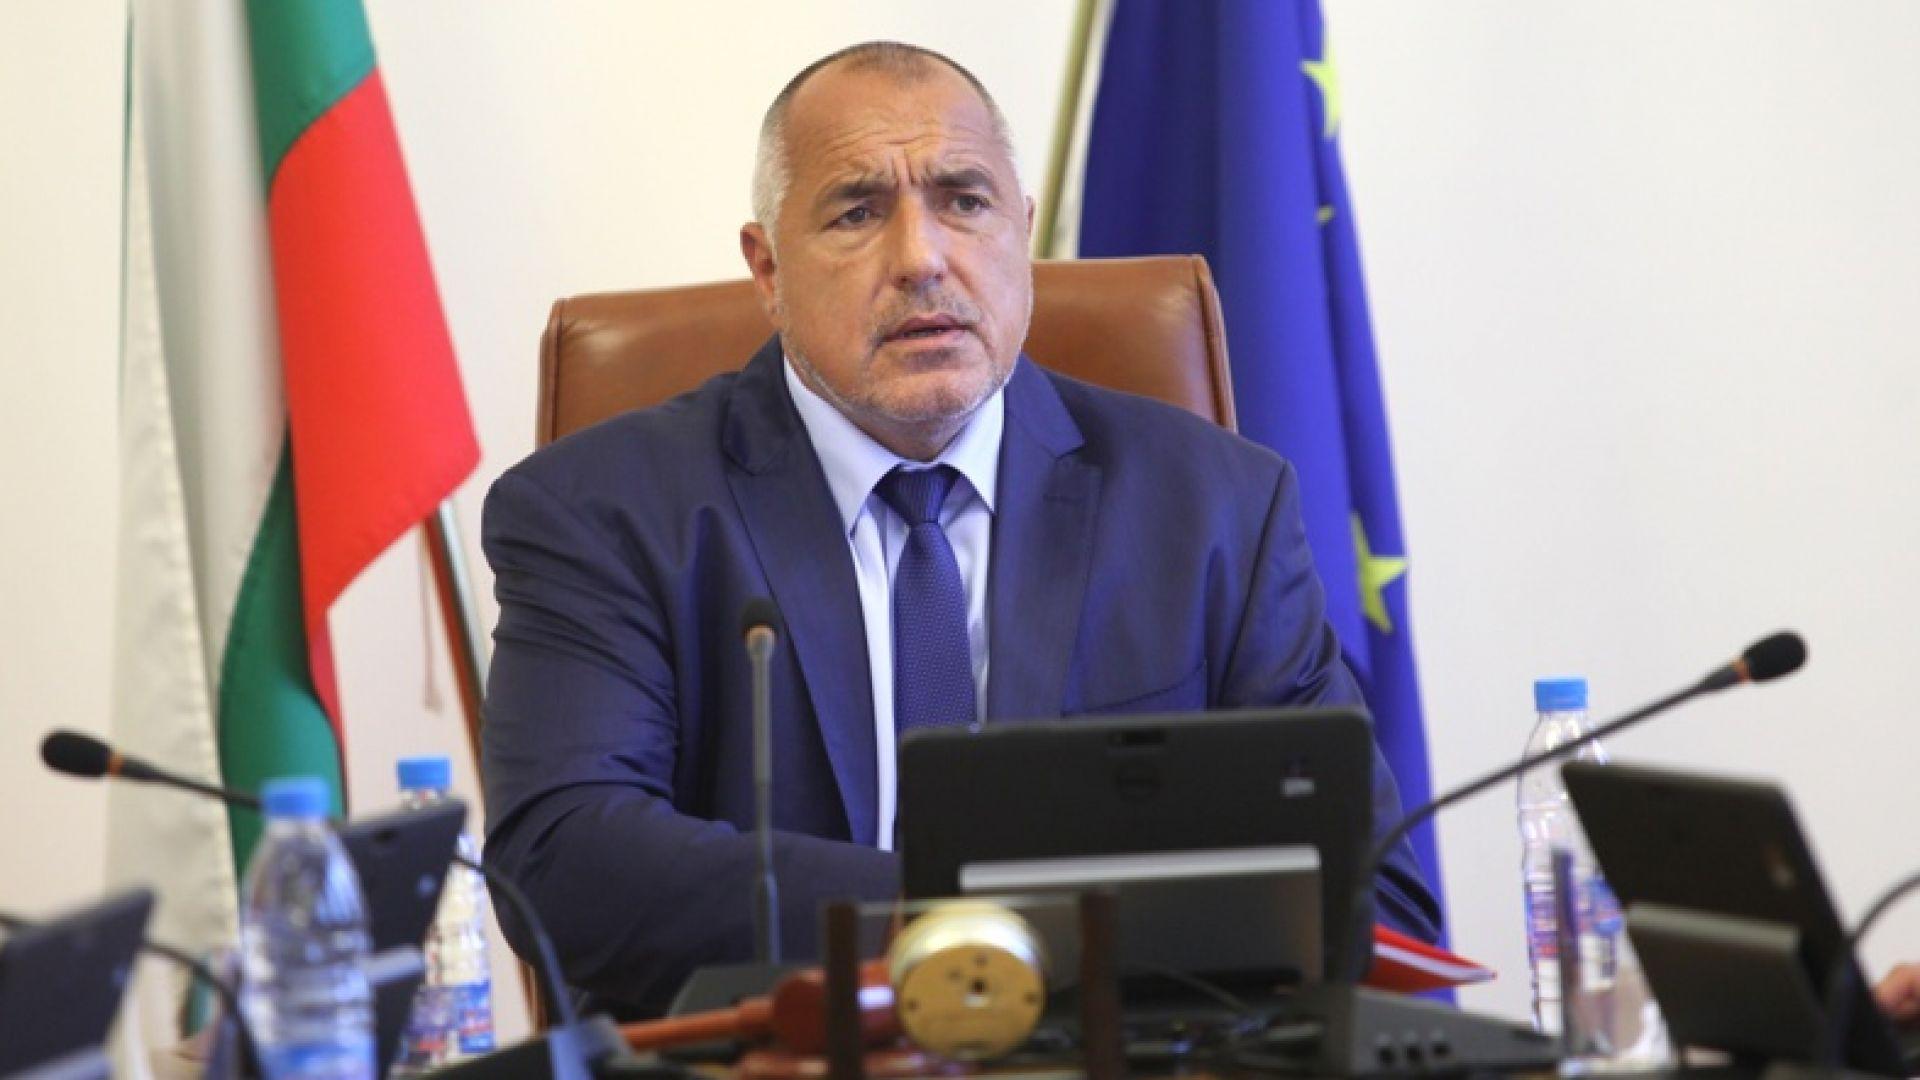 Борисов се карал на полицията, Пелов им се измъквал 4-5 пъти